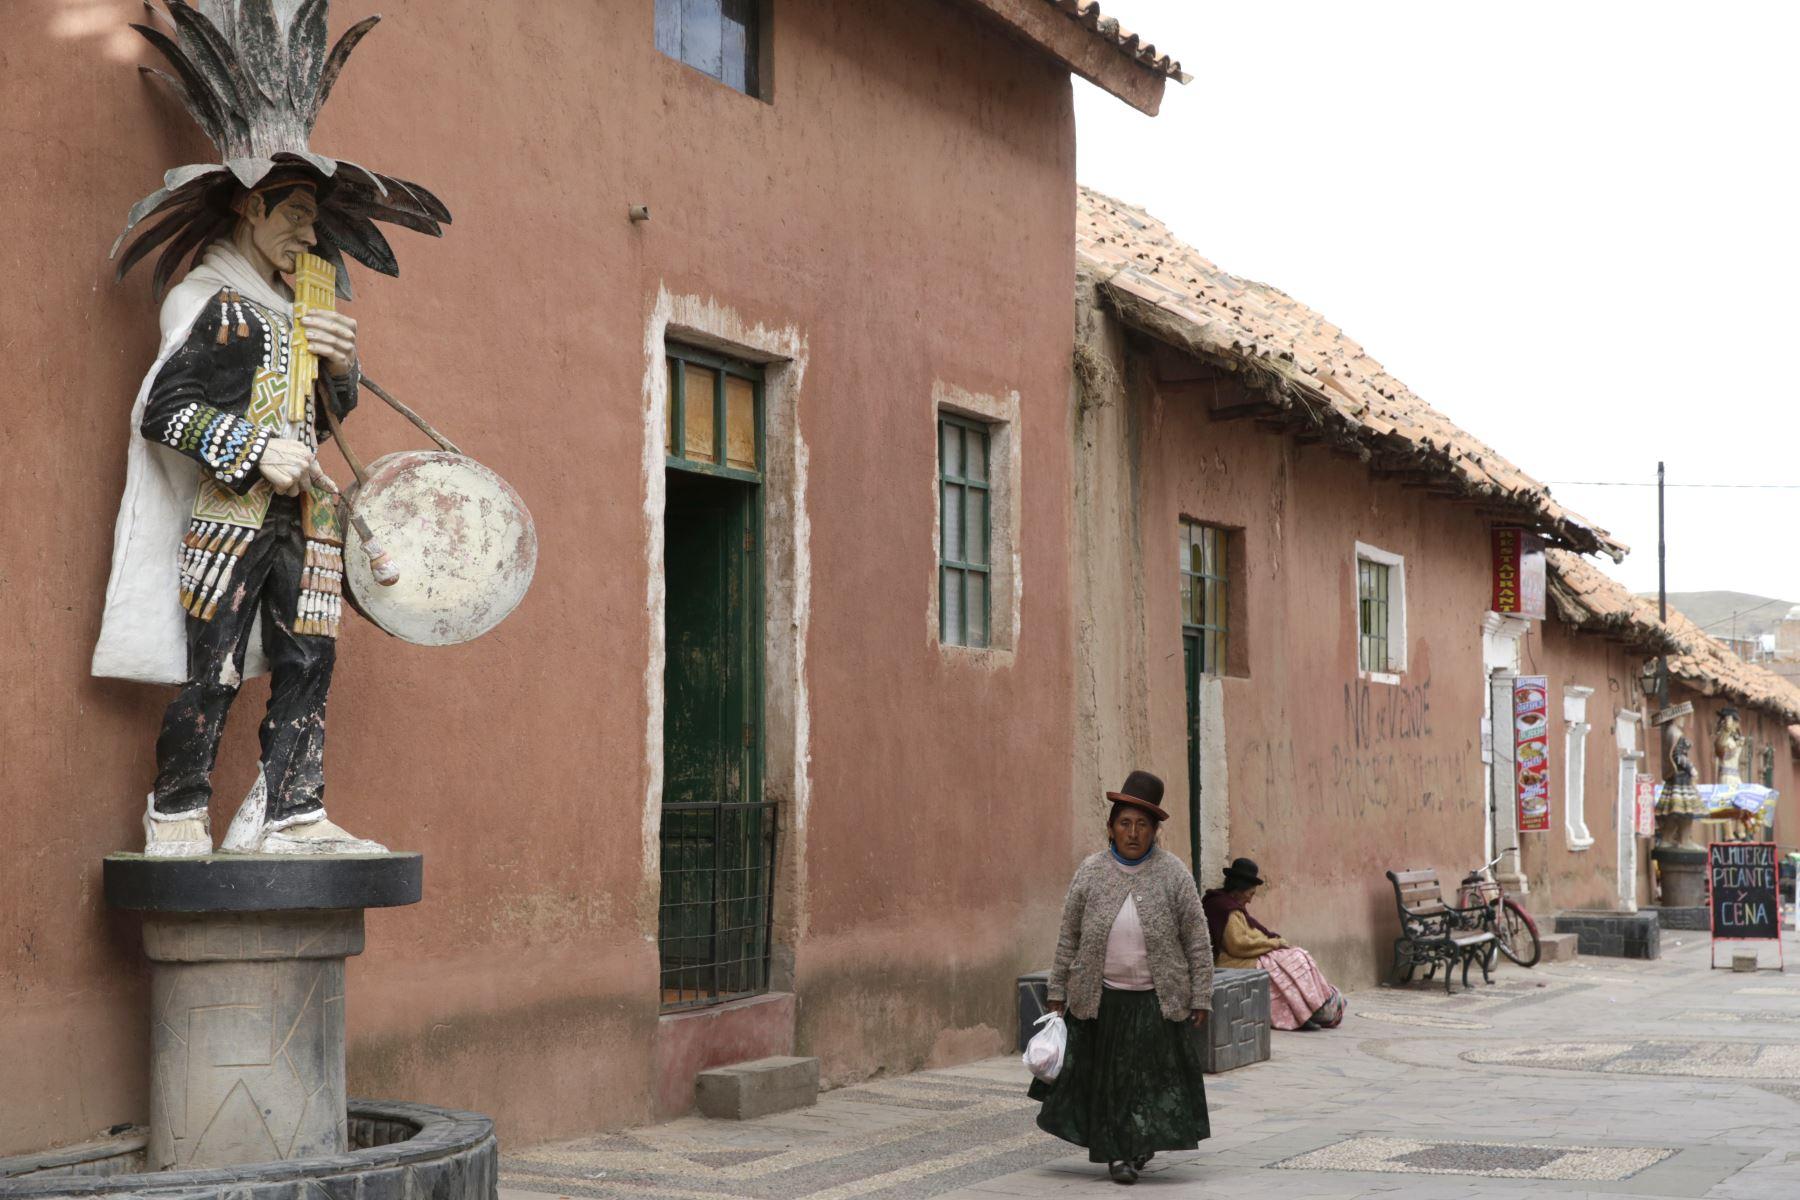 """En el centro histórico de Lampa abundan las construcciones donde el color predominante es el rosado debido a que están construida con sillar rosado. Este material le da una característica singular al pueblo que es conocida como la """"Ciudad Rosada"""" de Puno. Foto: ANDINA/Melina Mejía"""